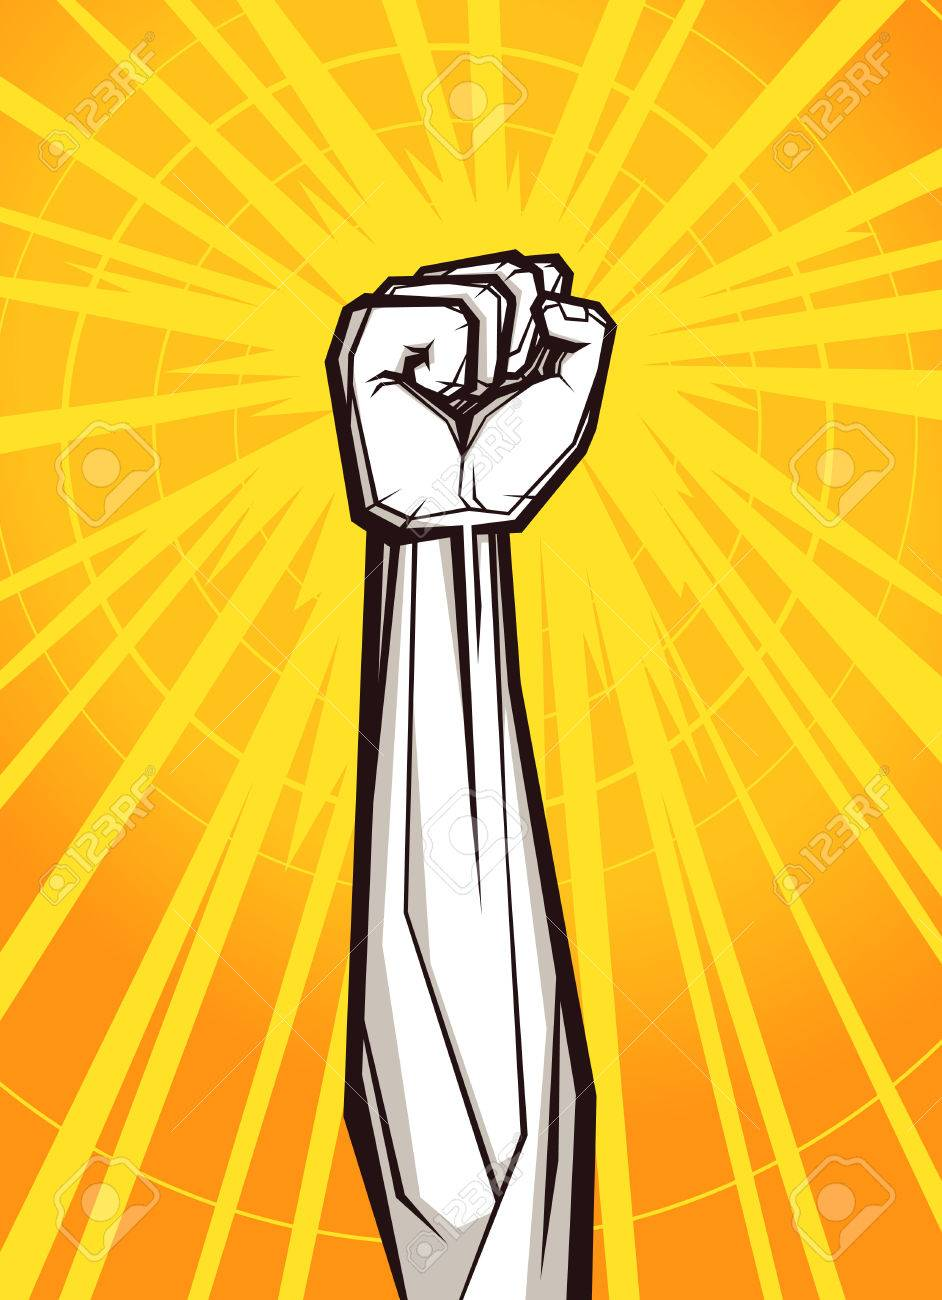 Geballten Faust Vektor-Illustration Für Widerstand Und Revolution ...